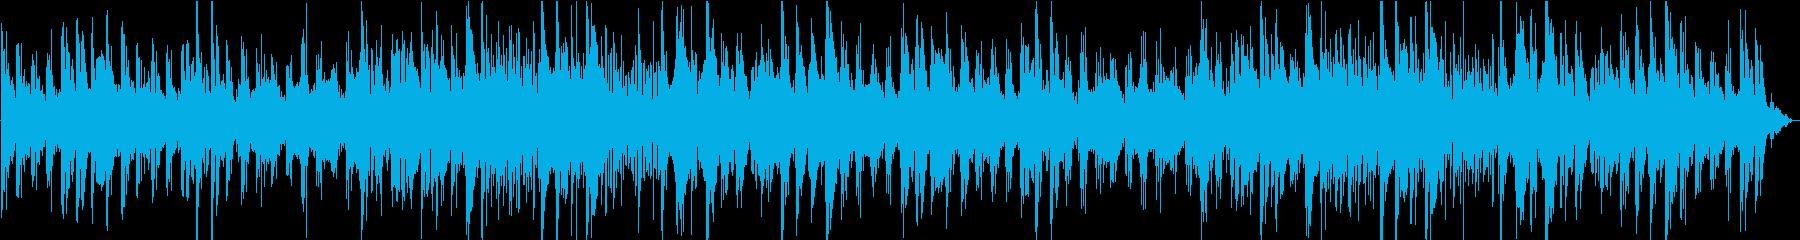 アンティークで寂しいチェレスタ曲の再生済みの波形